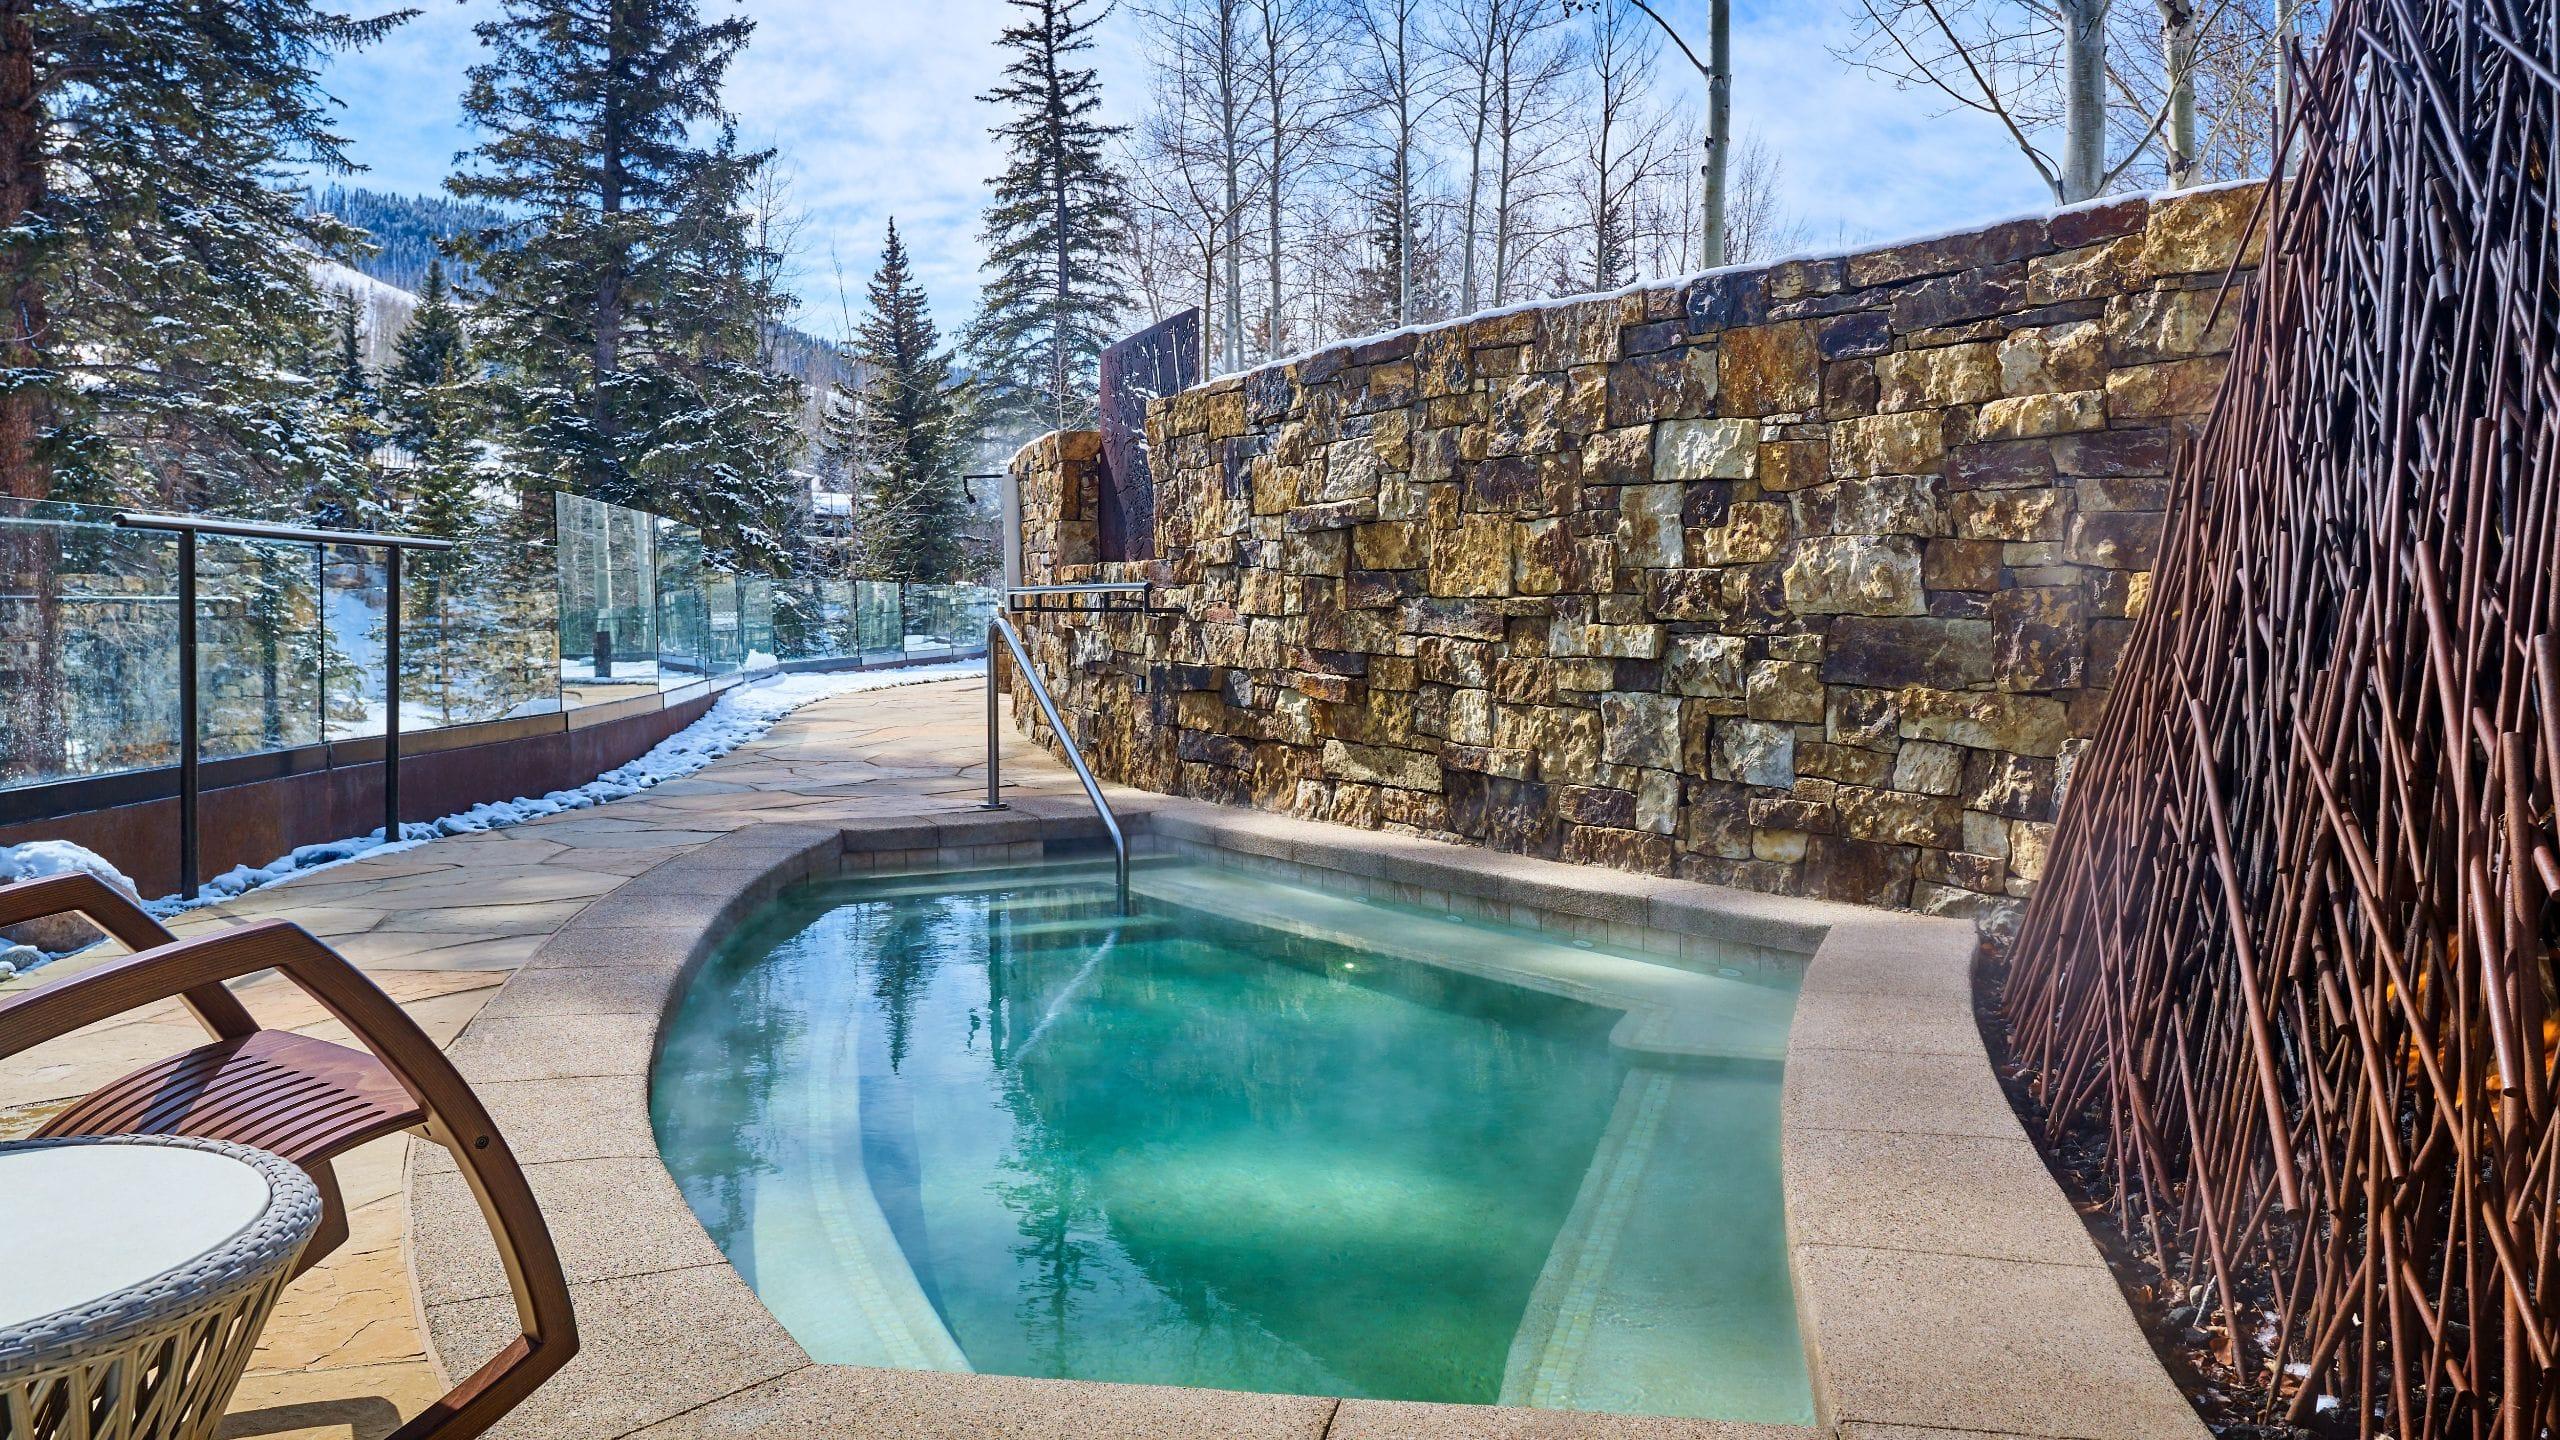 Grand Hyatt Vail Outdoor Hot Tub